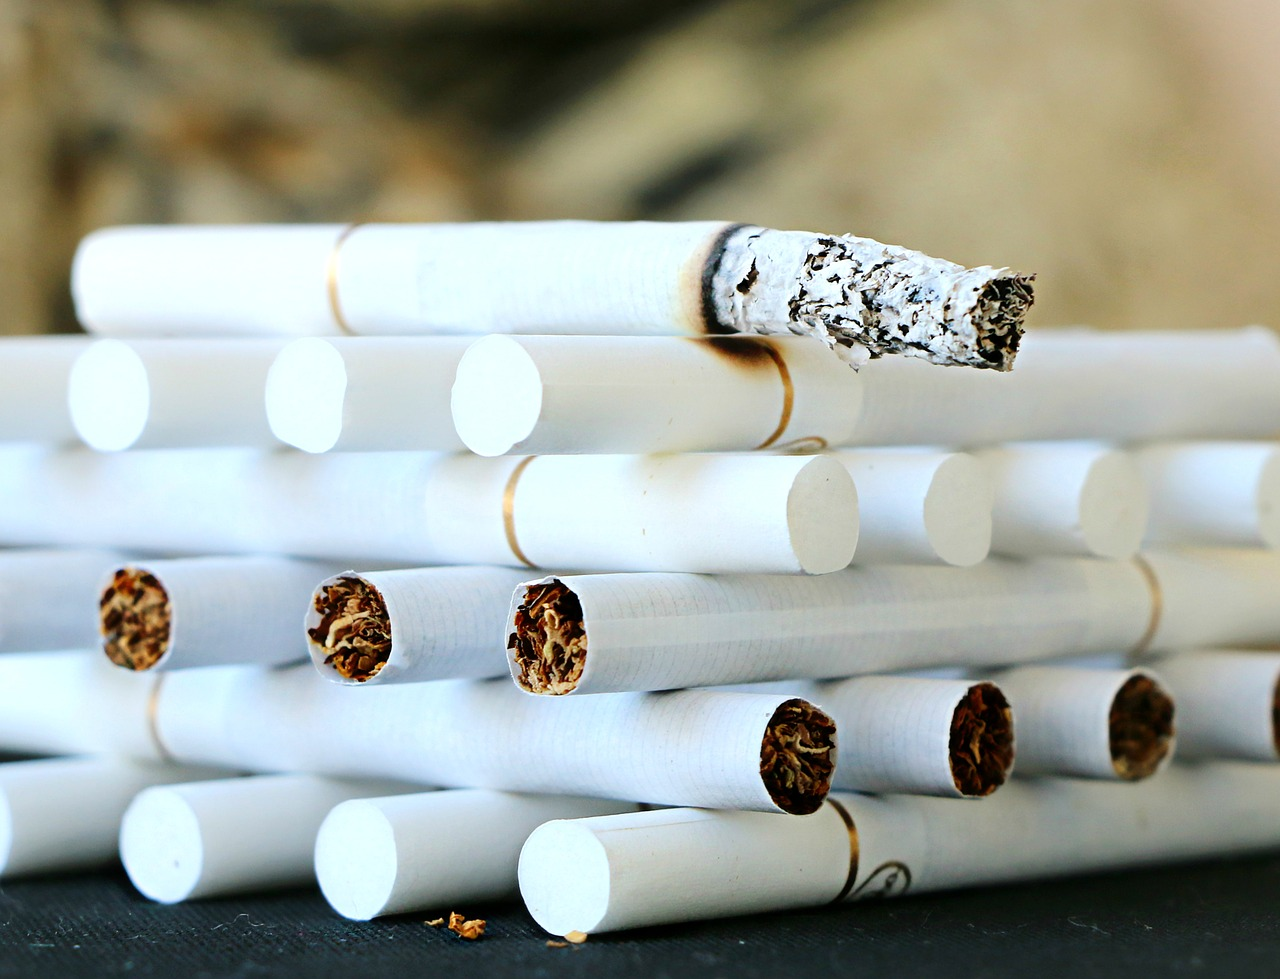 たばこの灰が油性ペンを落とすのに一番効果的だった